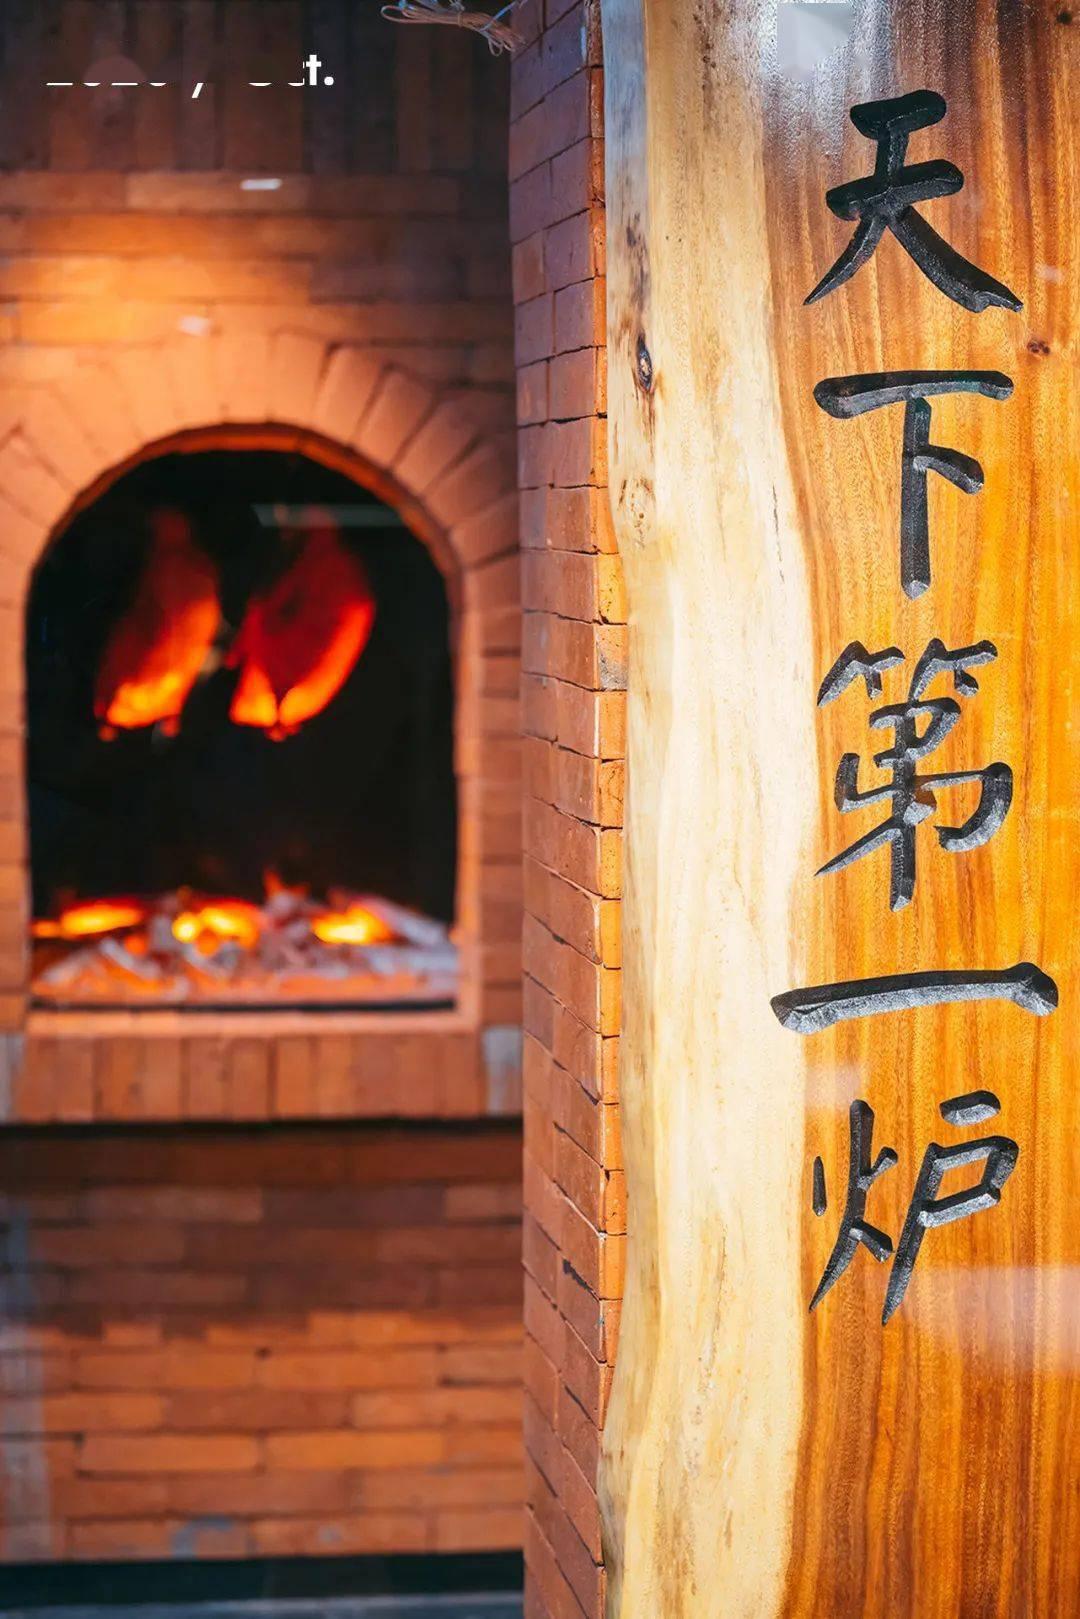 云龙湖畔新开的神仙馆子,藏着『天下第一炉』,和一桌桌令人叫绝的好菜!